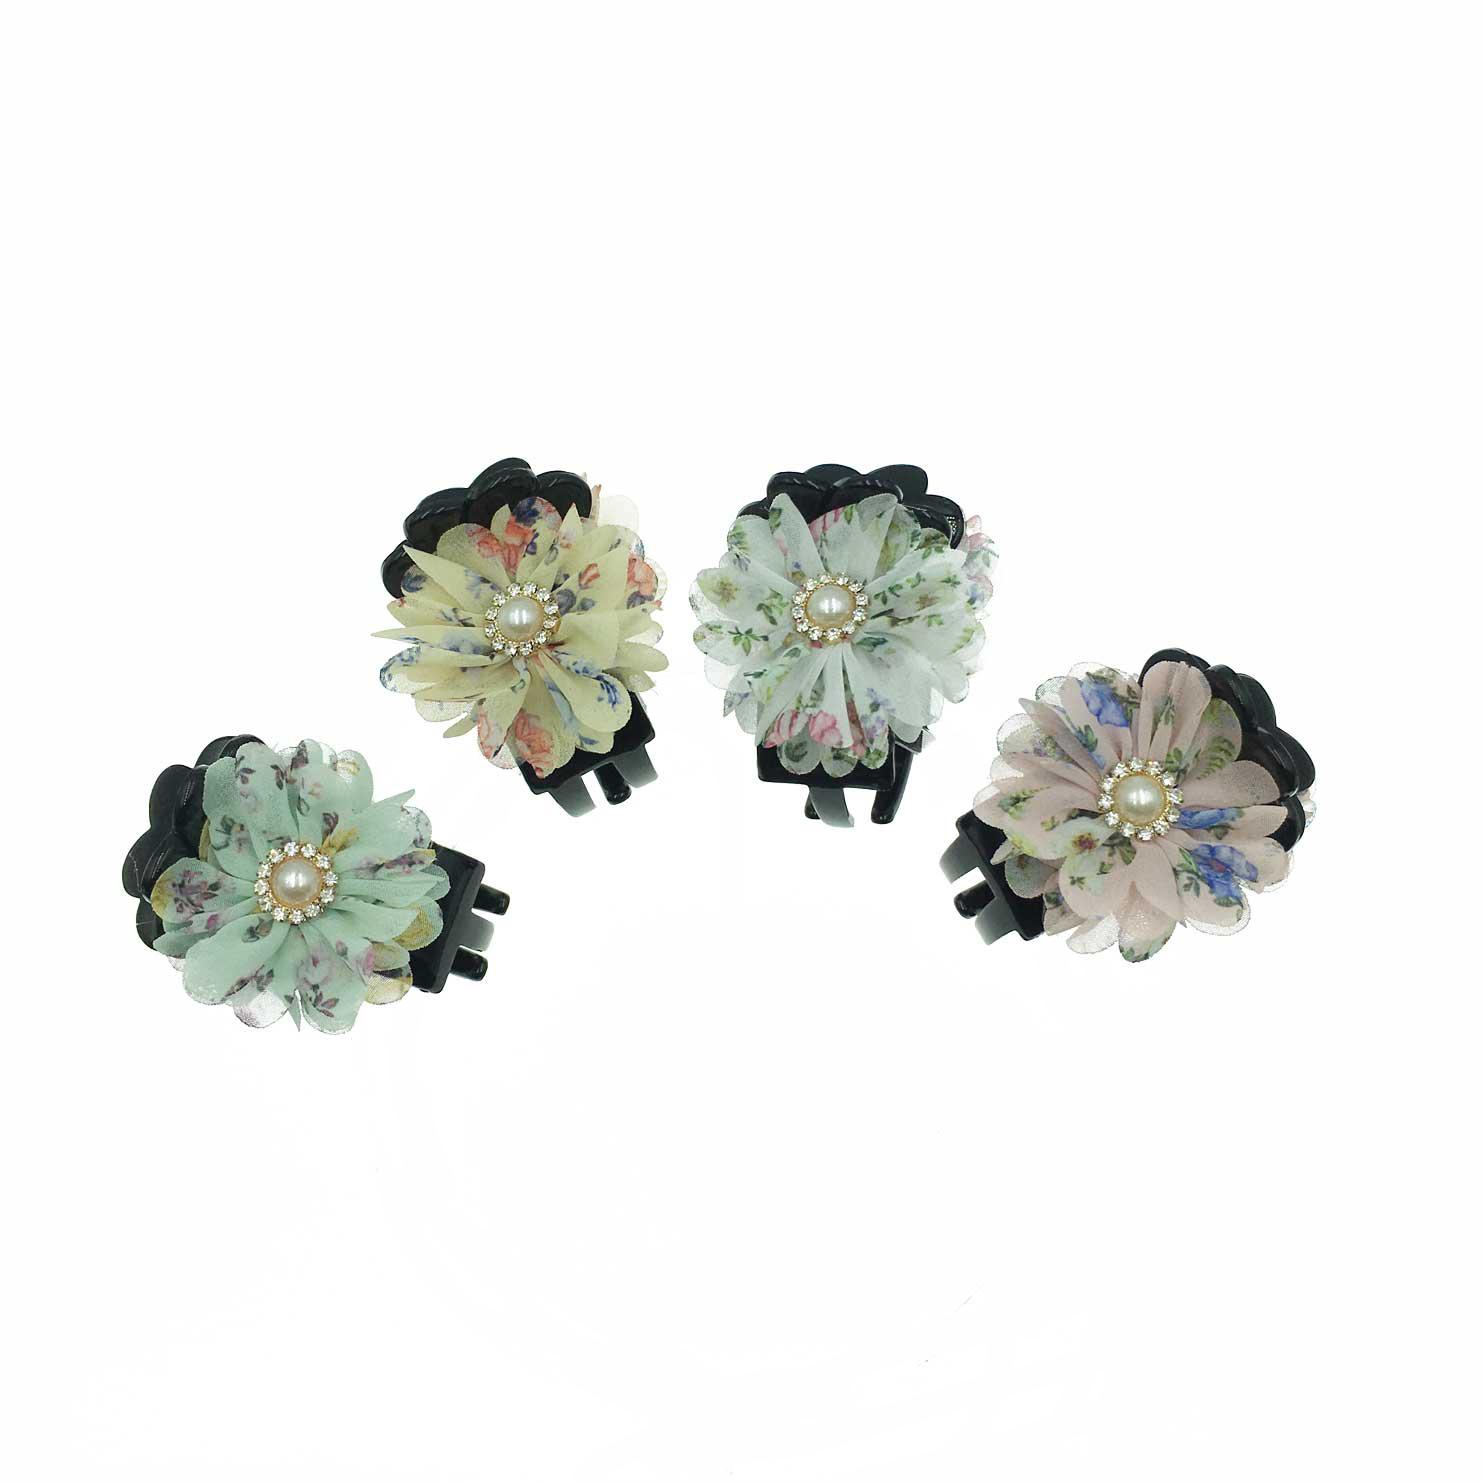 韓國 花卉系 珍珠 水鑽 小碎花 渲染 4色 鯊魚夾三爪夾